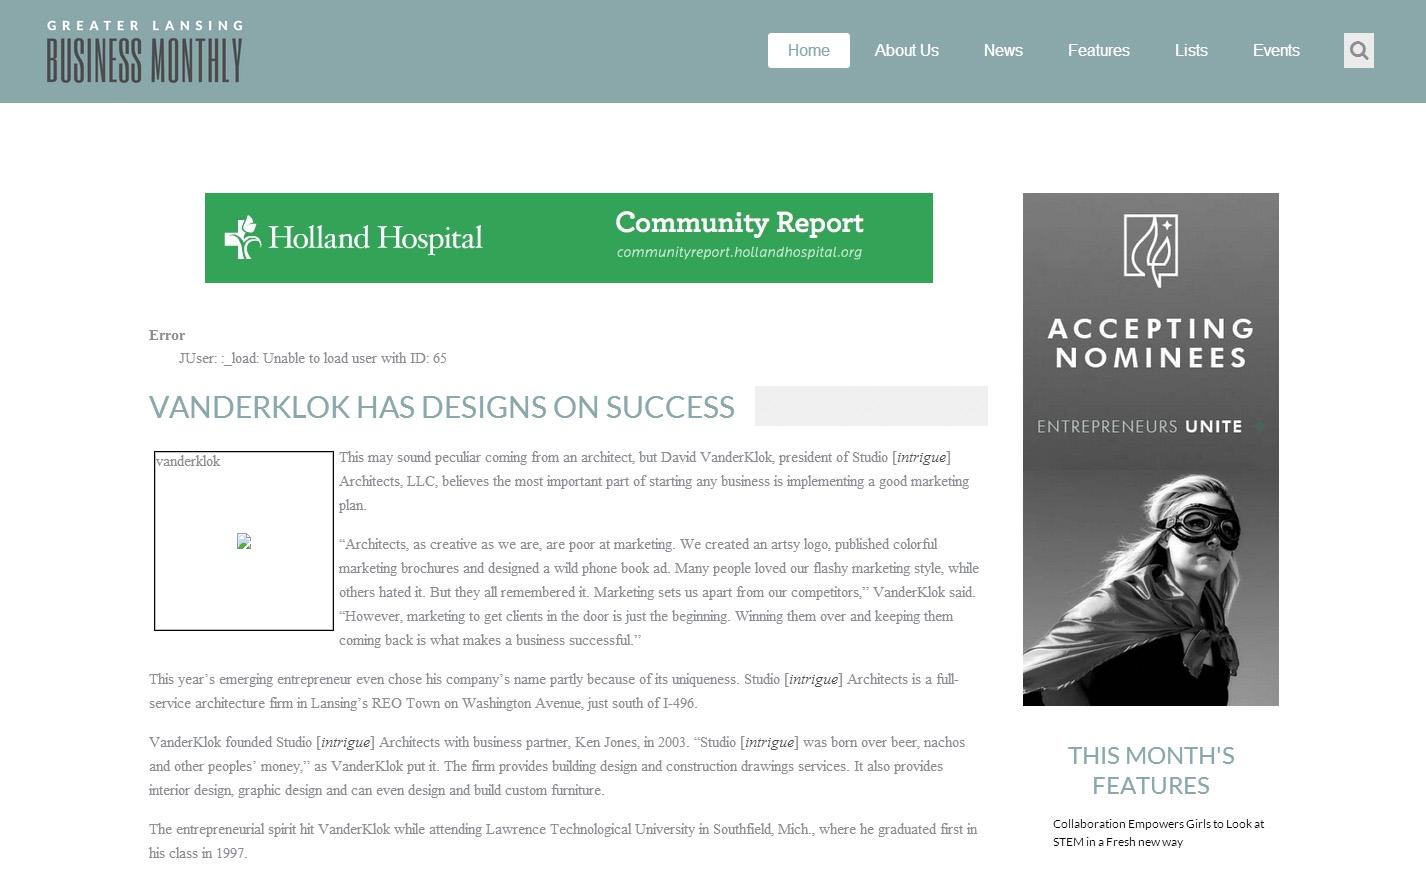 Vanderklok has designs on success.jpg